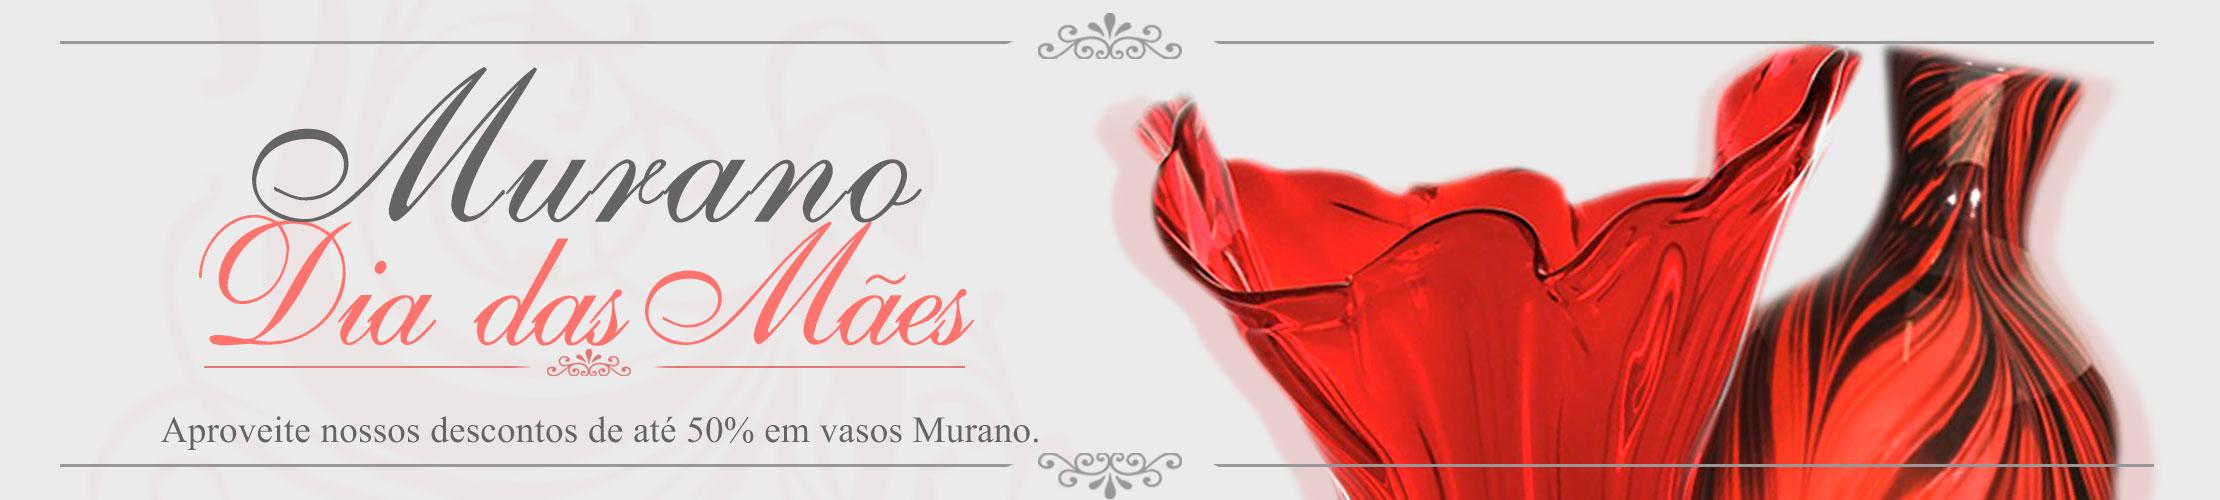 Promoção Murano Dia das Mães